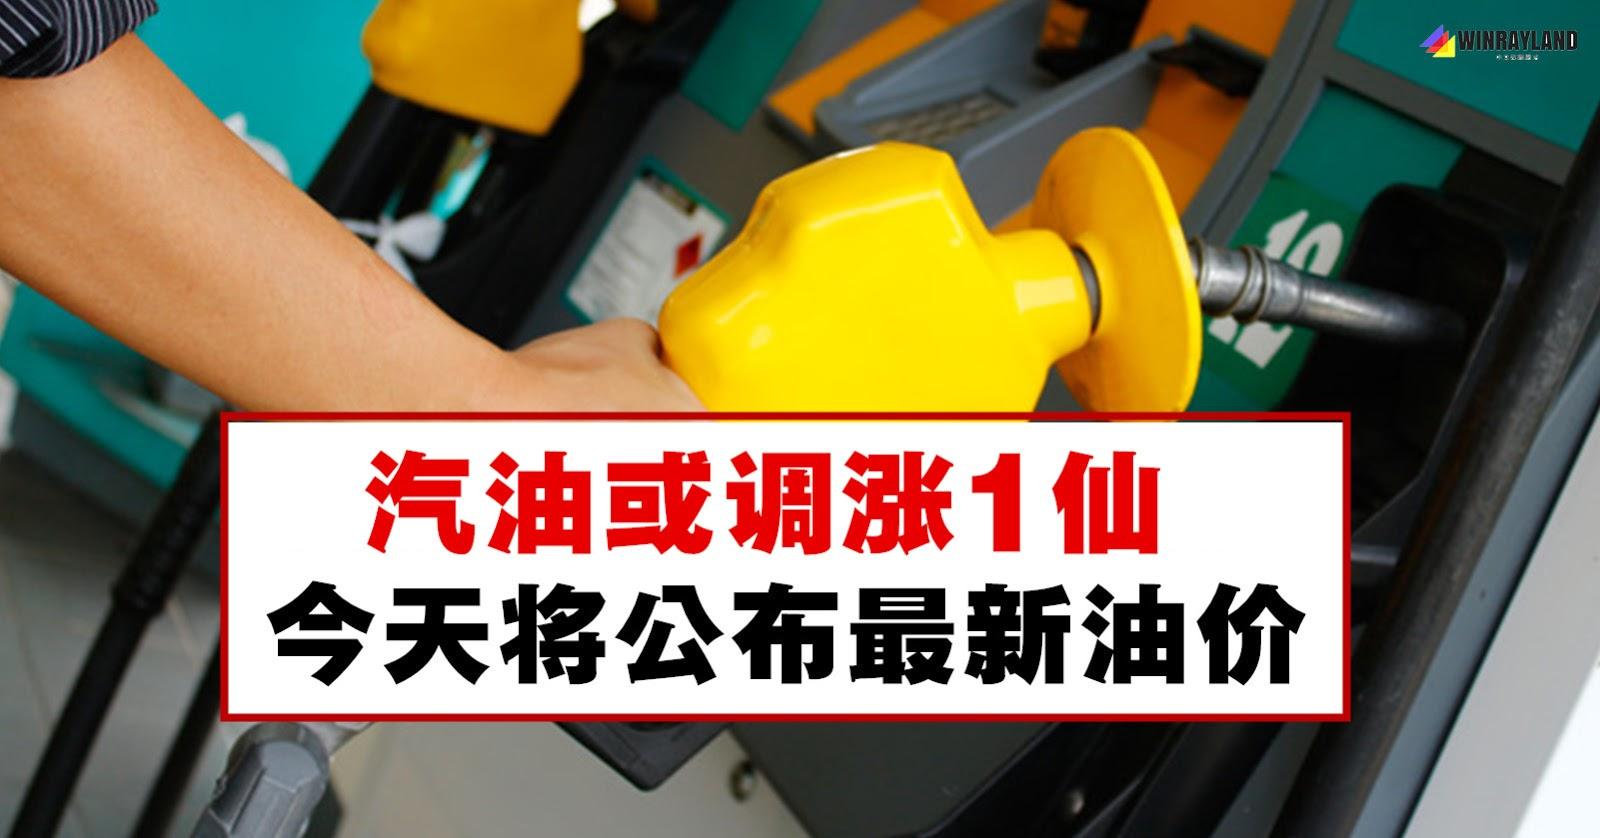 汽油或调涨1仙,今天将公布最新油价